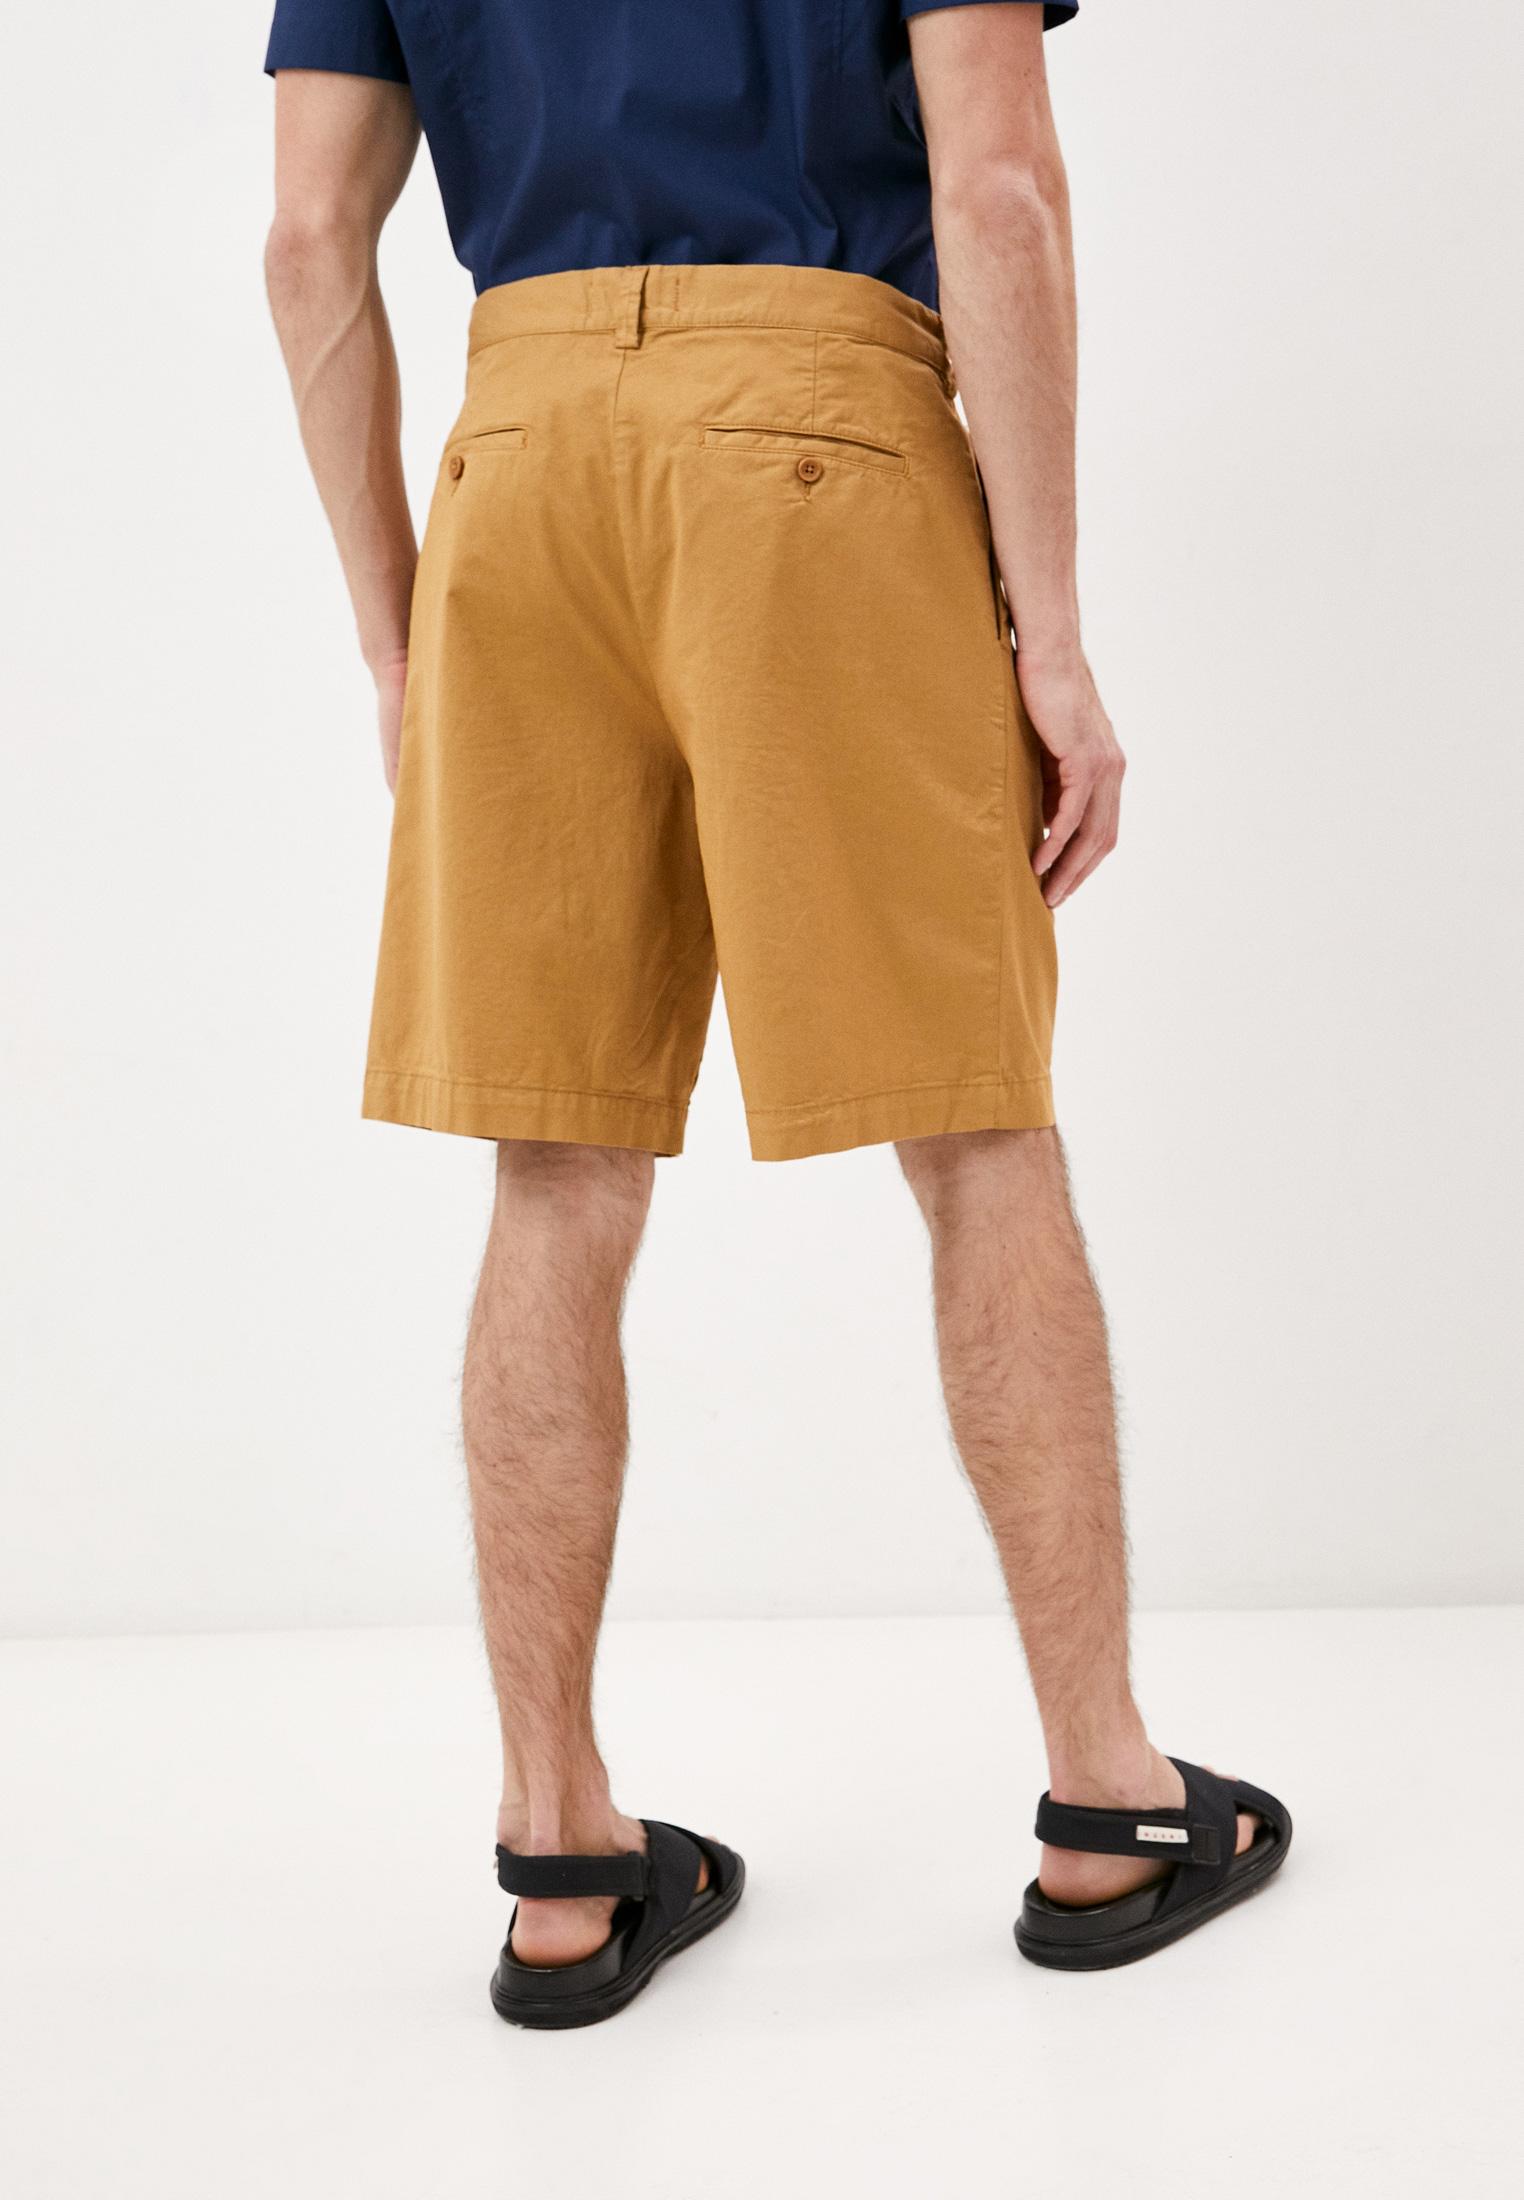 Мужские повседневные шорты Bikkembergs (Биккембергс) CO02300S3389F79: изображение 4